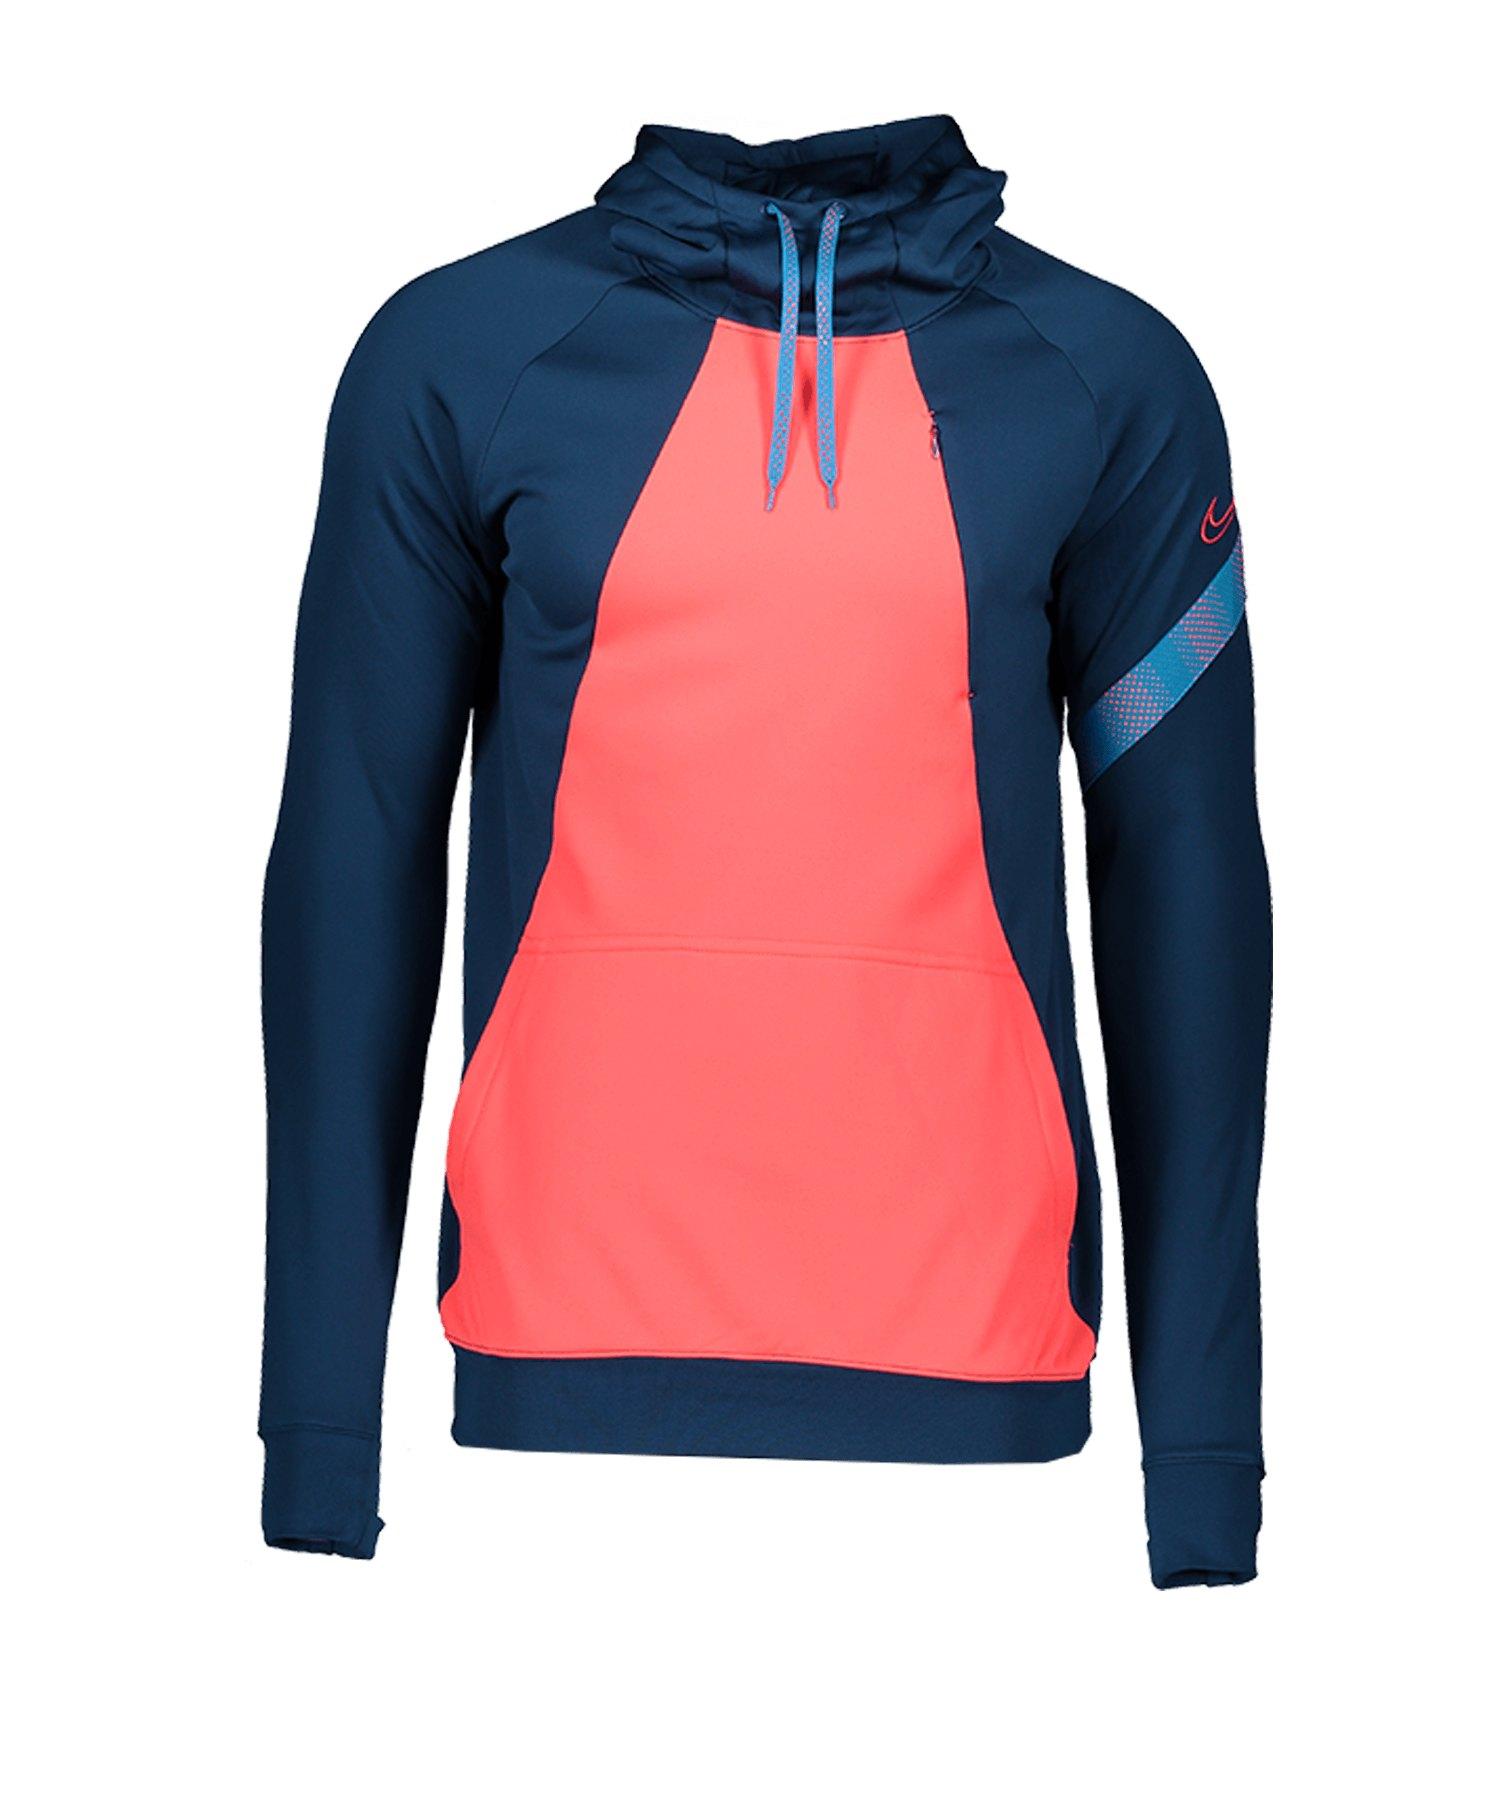 Nike Academy Pro Sweatshirt Blau F432 - blau